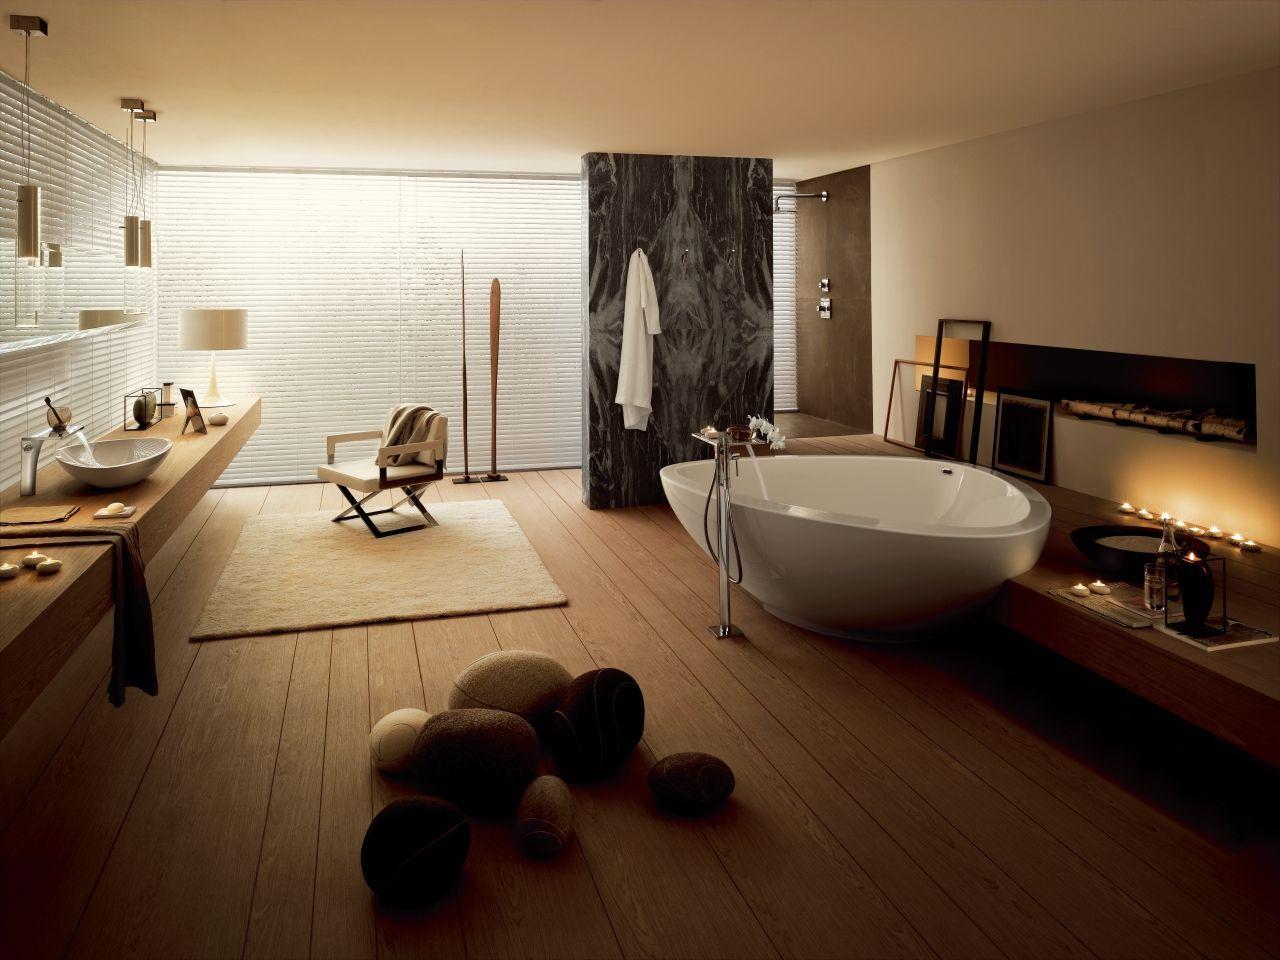 Luxe Badkamers Inspiratie : Luxe badkamer inspiratie masterbedroom en suite